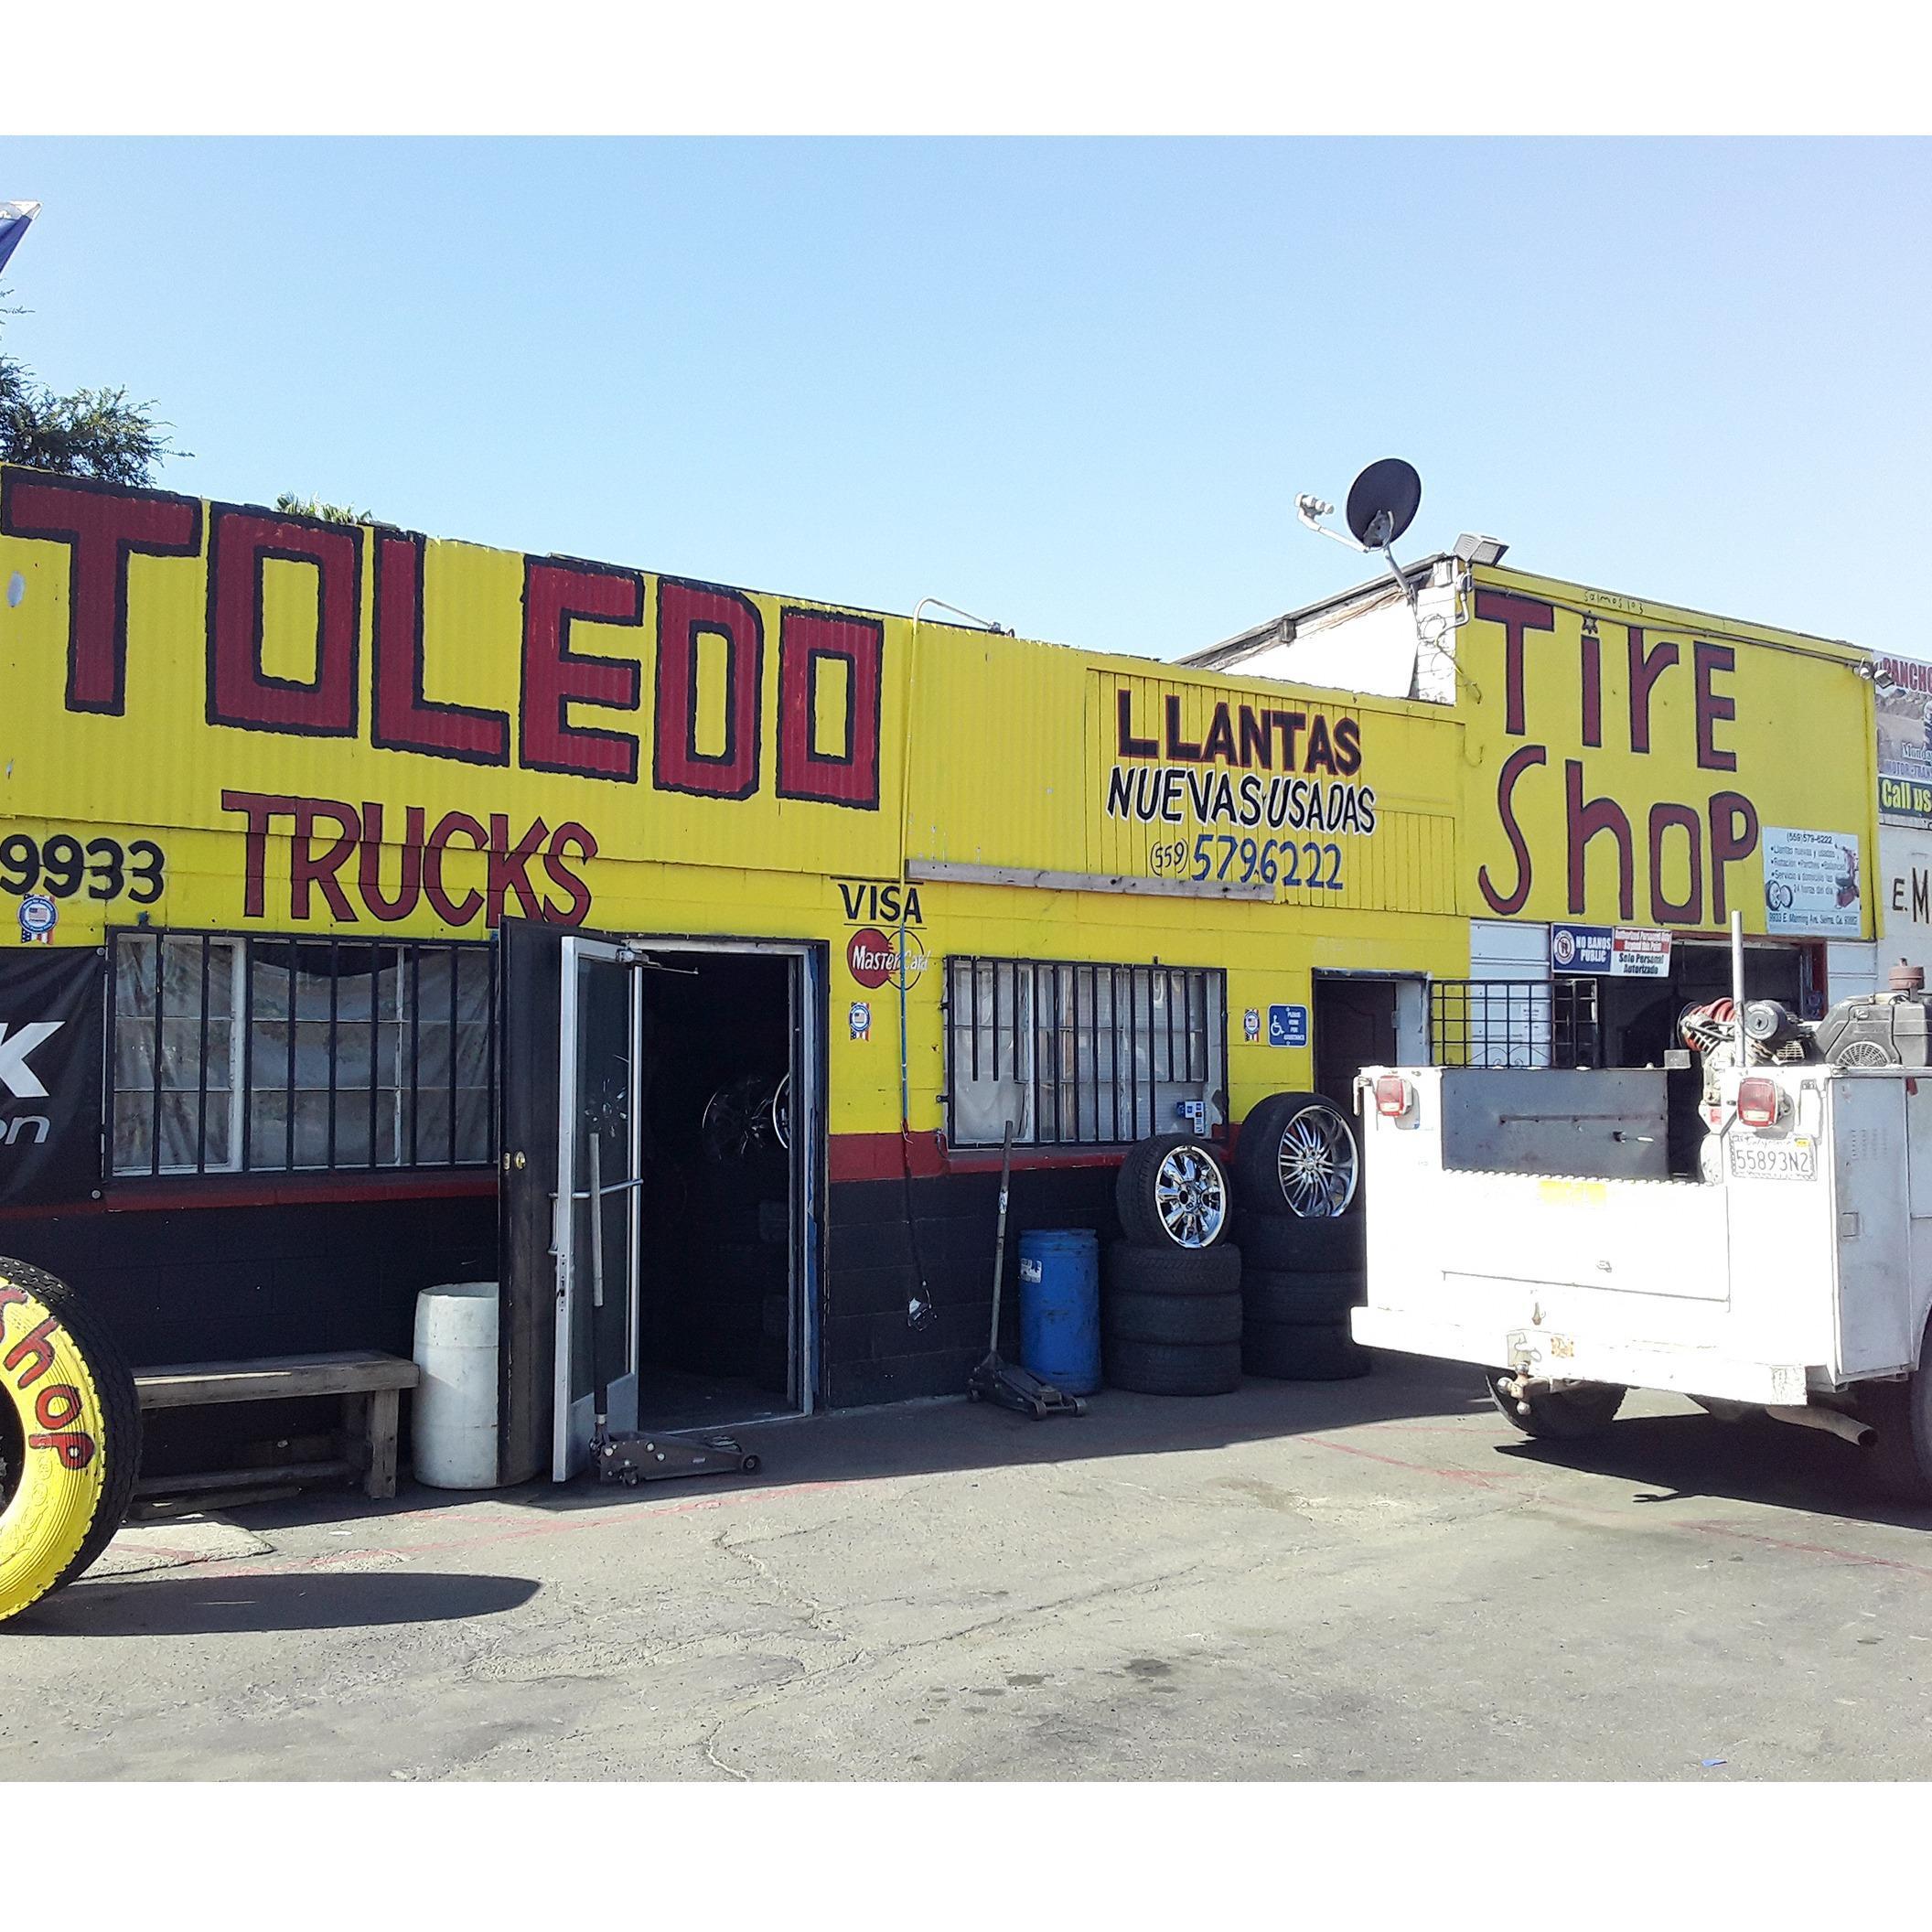 Toledo Tire Shop & Service - Selma, CA 93662 - (559)579-6222 | ShowMeLocal.com